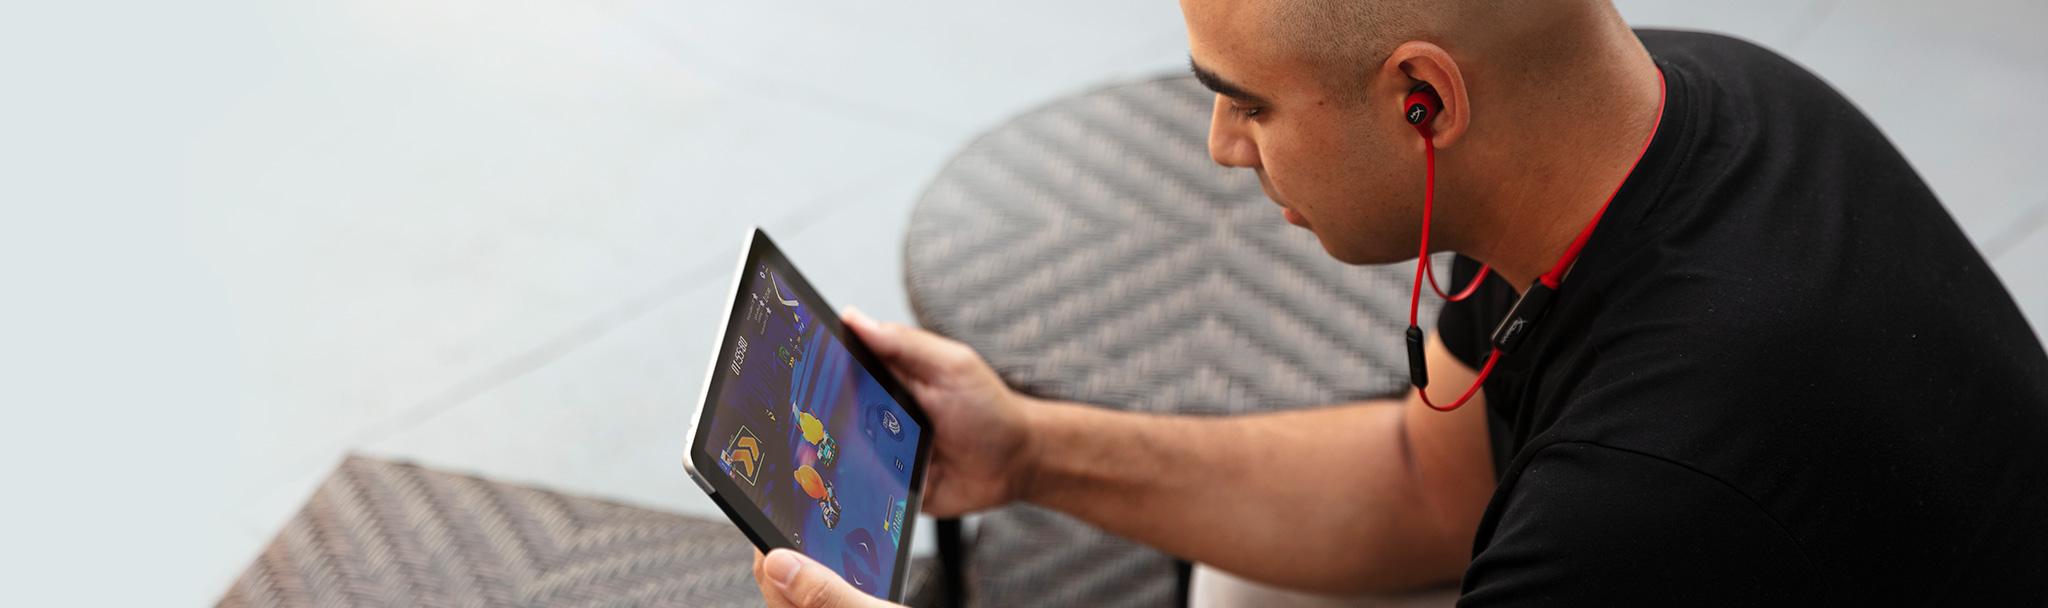 Tai nghe không dây Kingston HyperX Cloud Buds HEBBXX MC RD/G (Bluetooth Earbuds) cho cảm giác đeo thoải mái đặc trưng